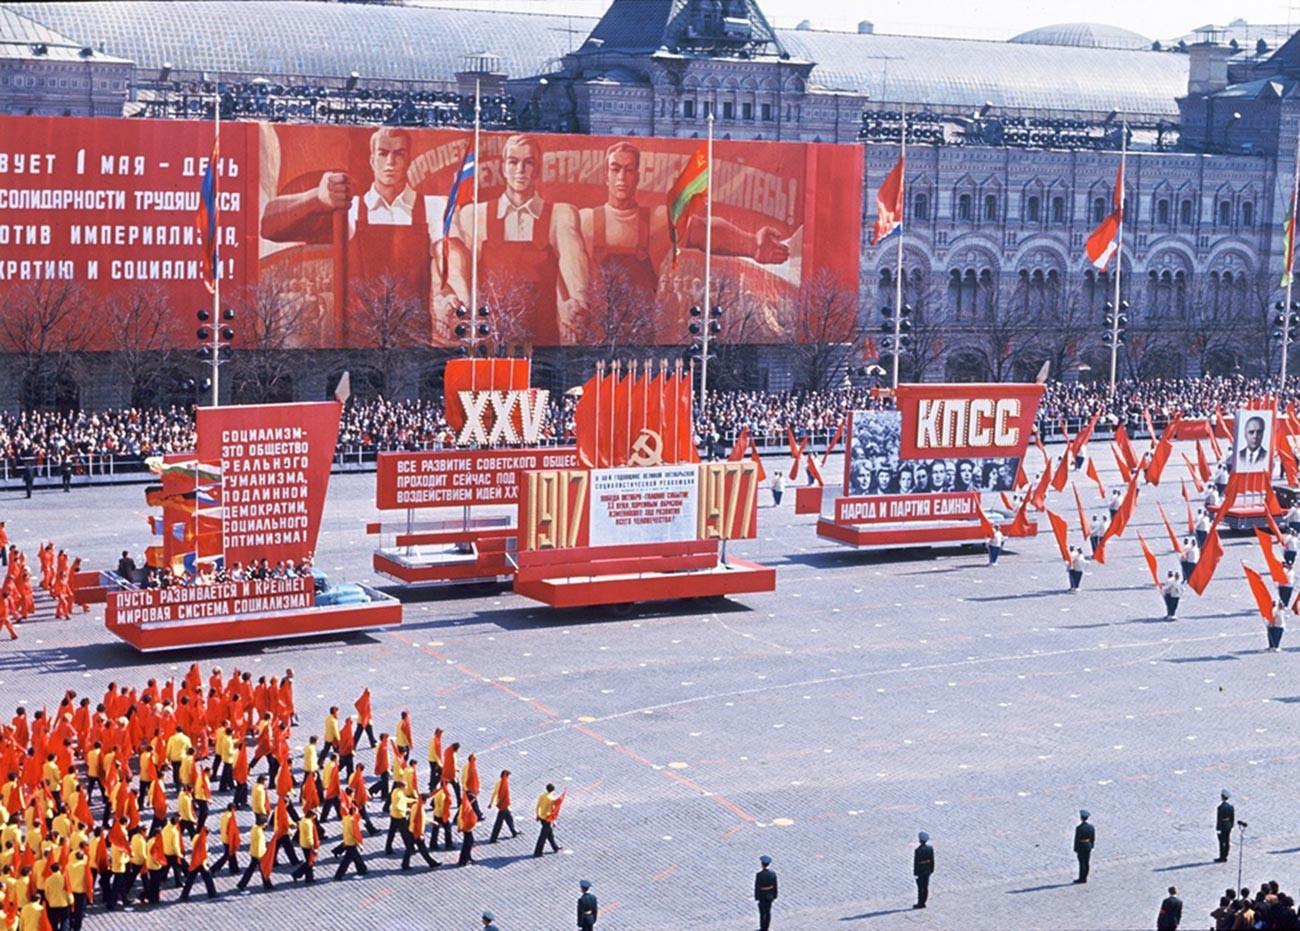 5月1日の赤の広場のパレード、1976年